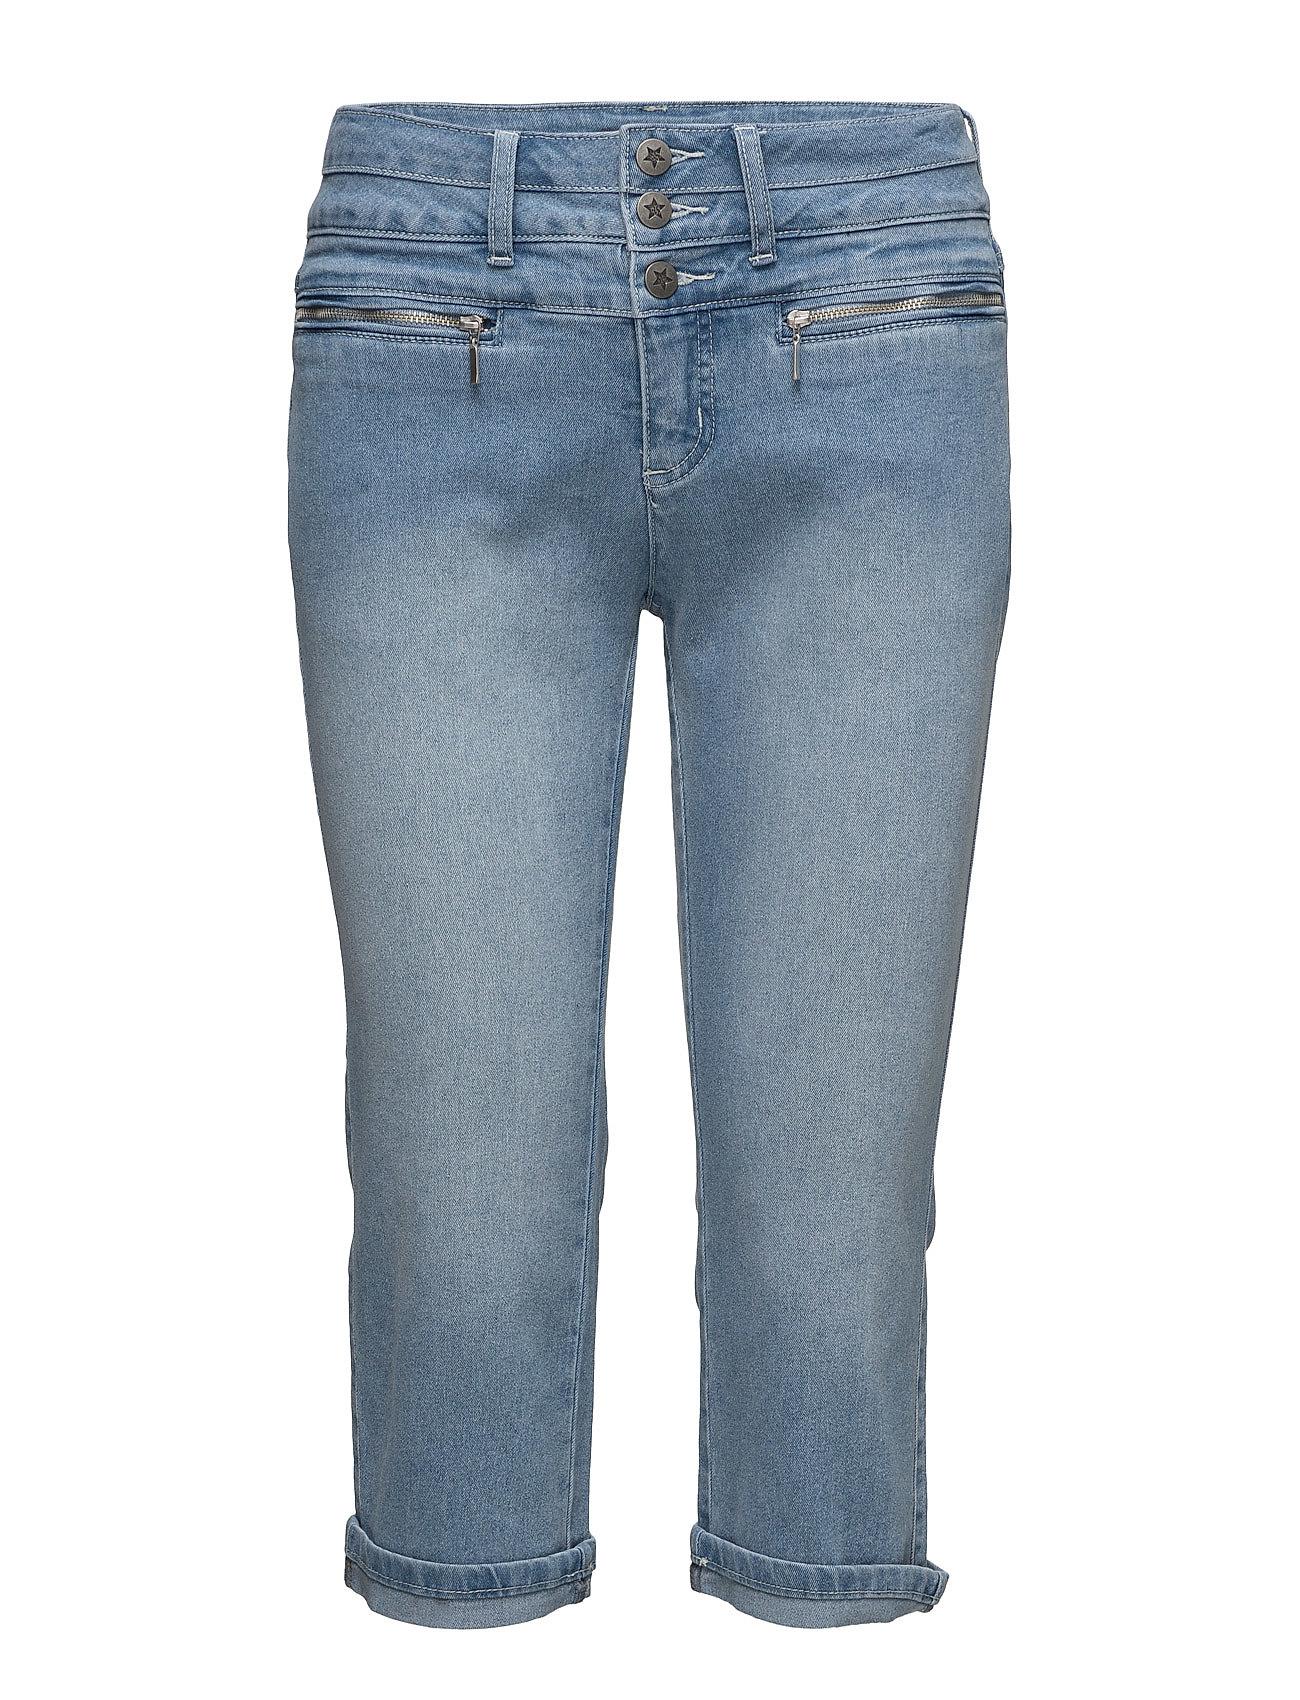 Capri Pants-Denim Imitz Shorts til Kvinder i